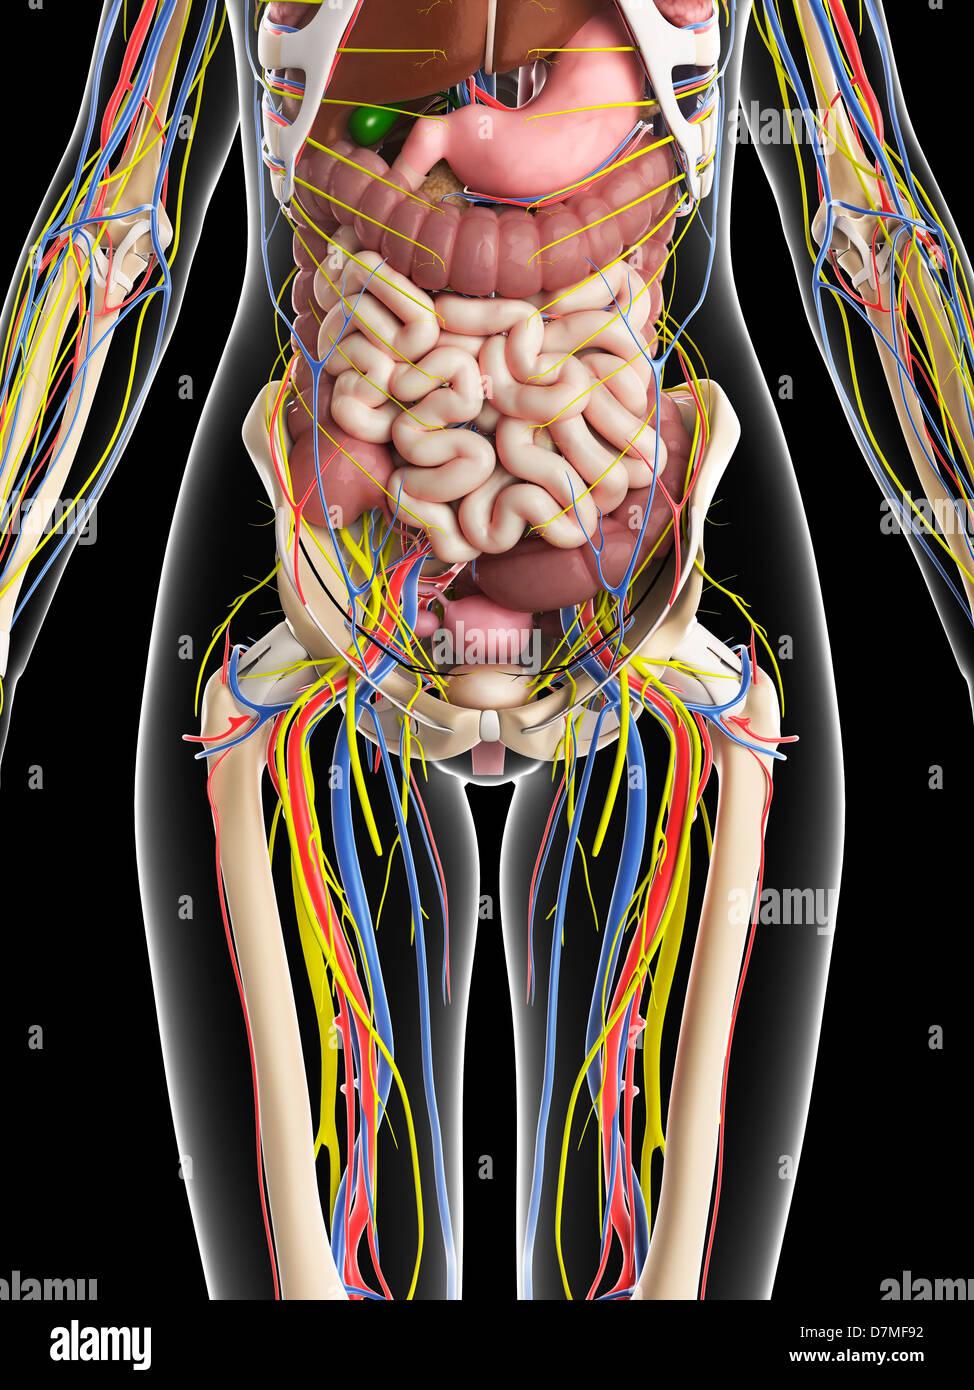 Weibliche Anatomie, artwork Stockfoto, Bild: 56384750 - Alamy